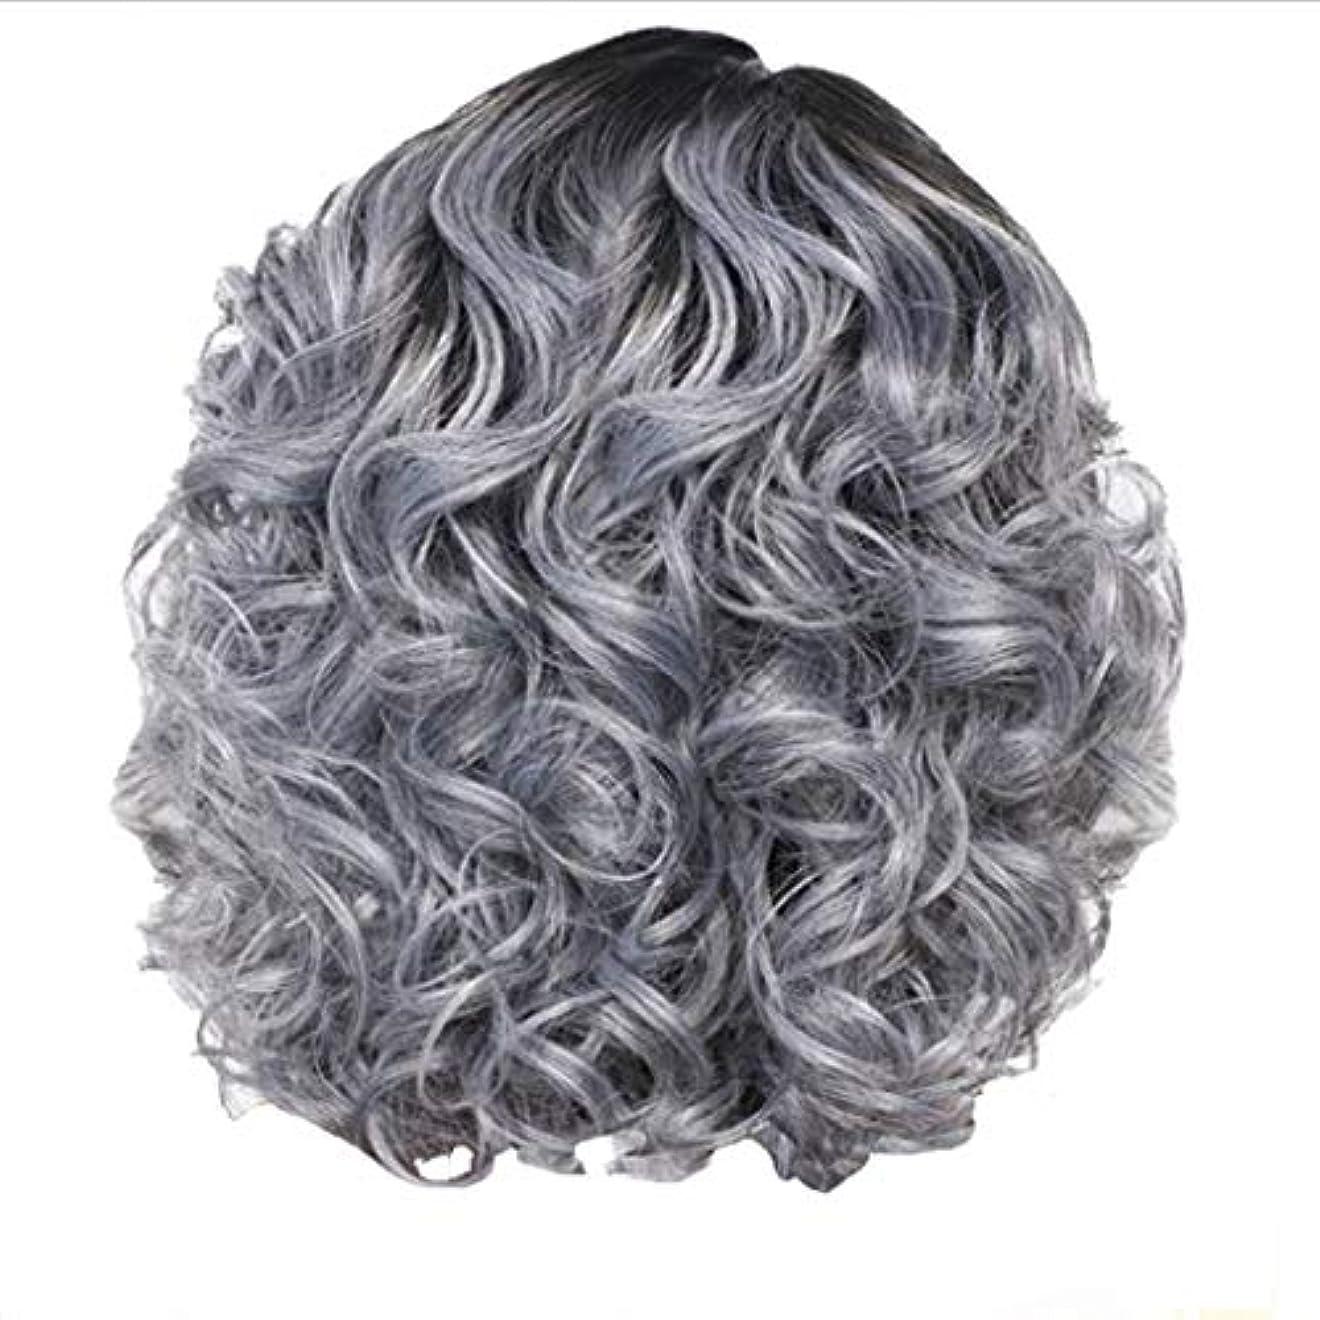 類似性ディレクトリ軍かつら女性の短い巻き毛シルバーグレーレトロ巻き毛ネット30 cm